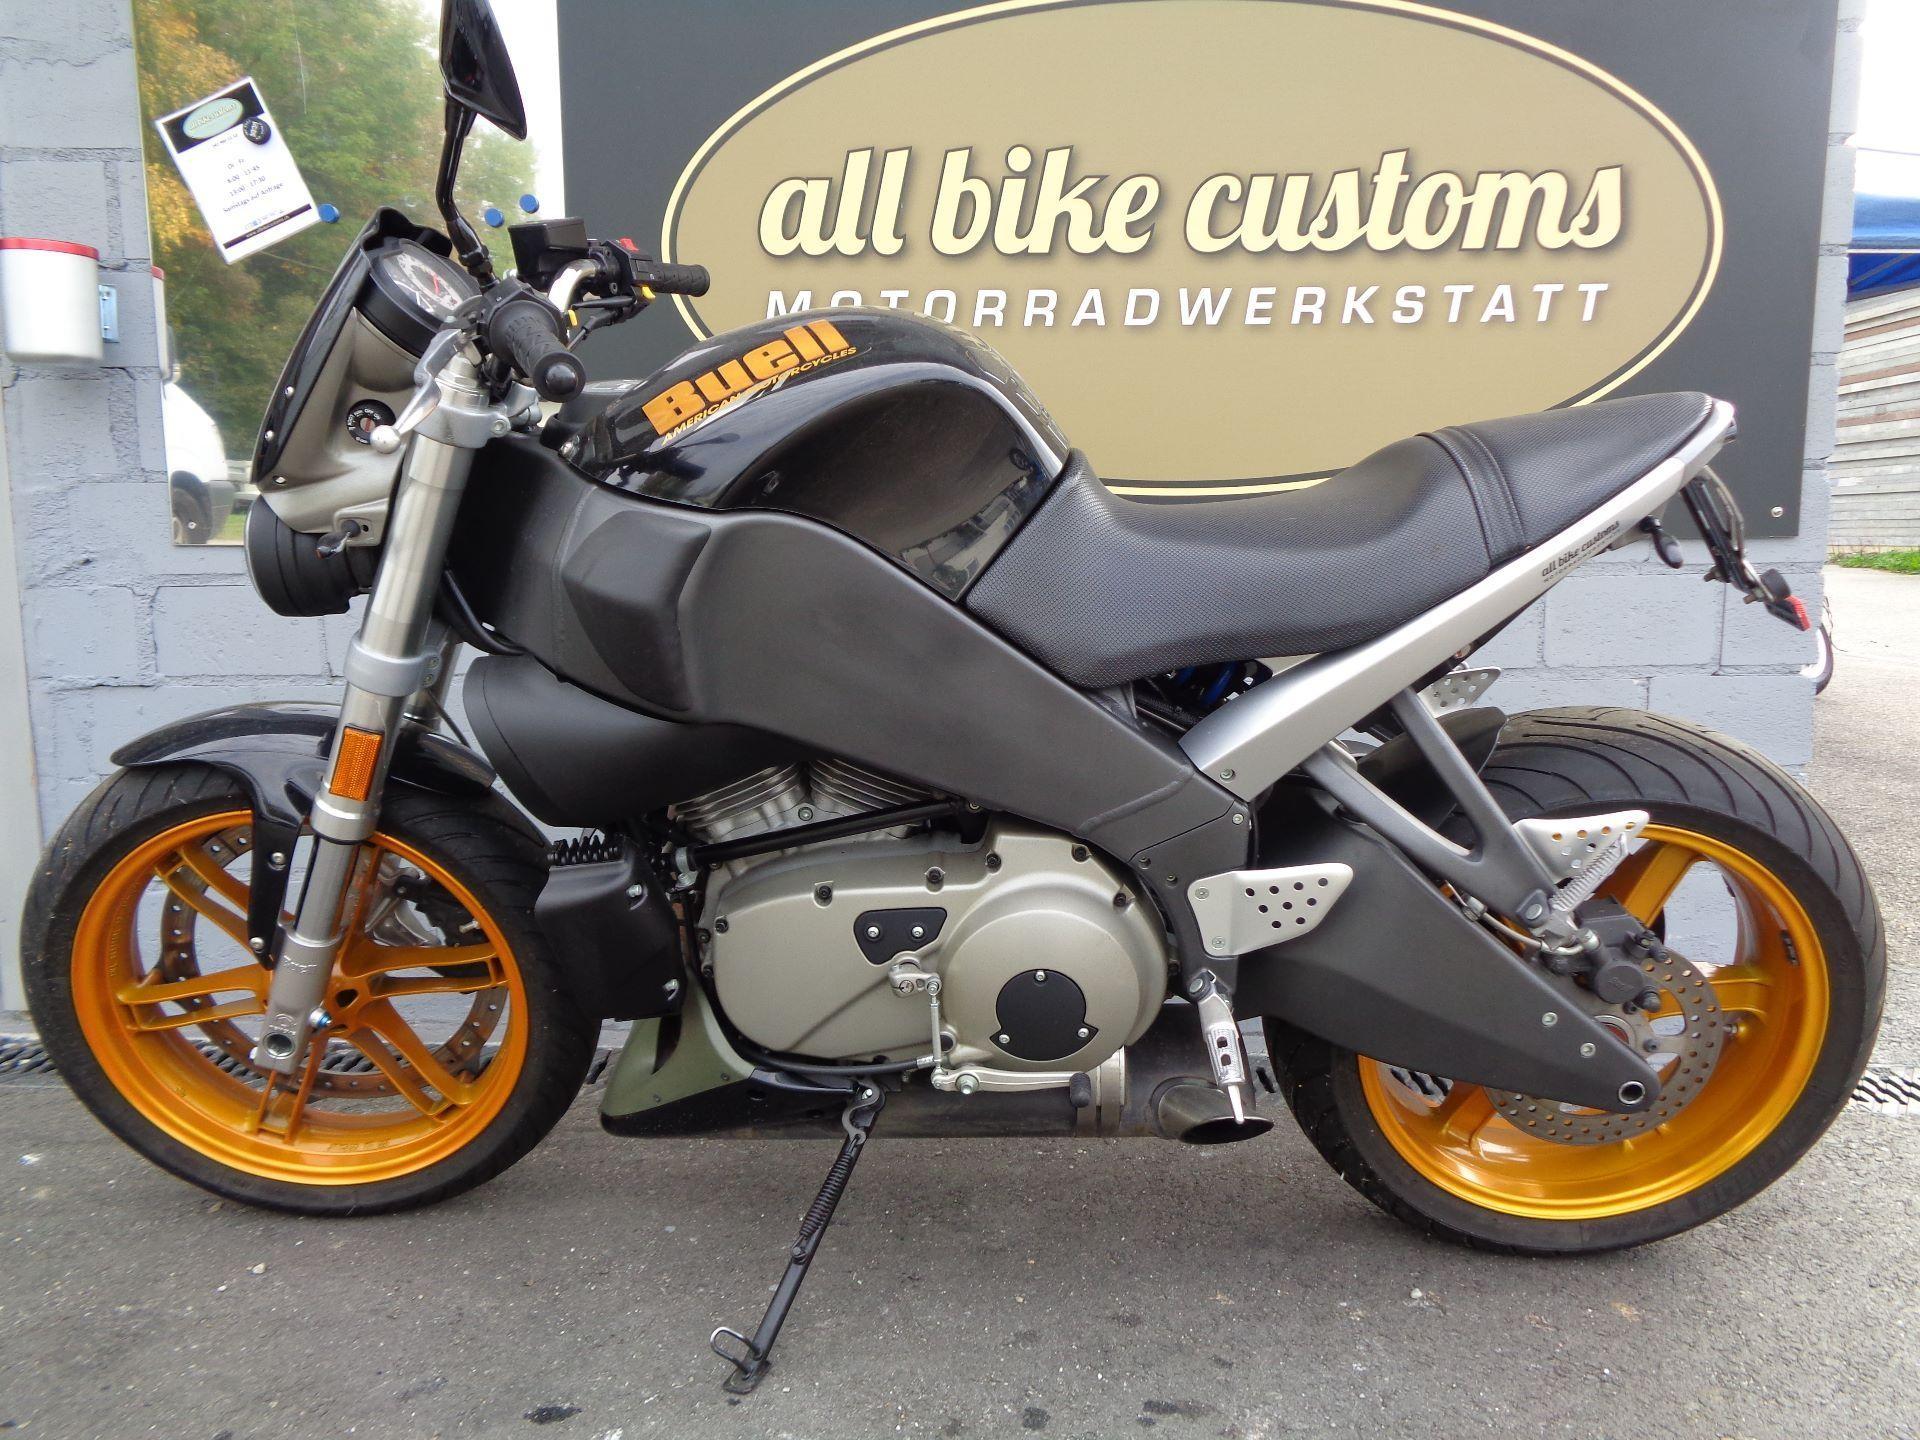 Motorrad Occasion kaufen BUELL XB12S 1200 Lightning All